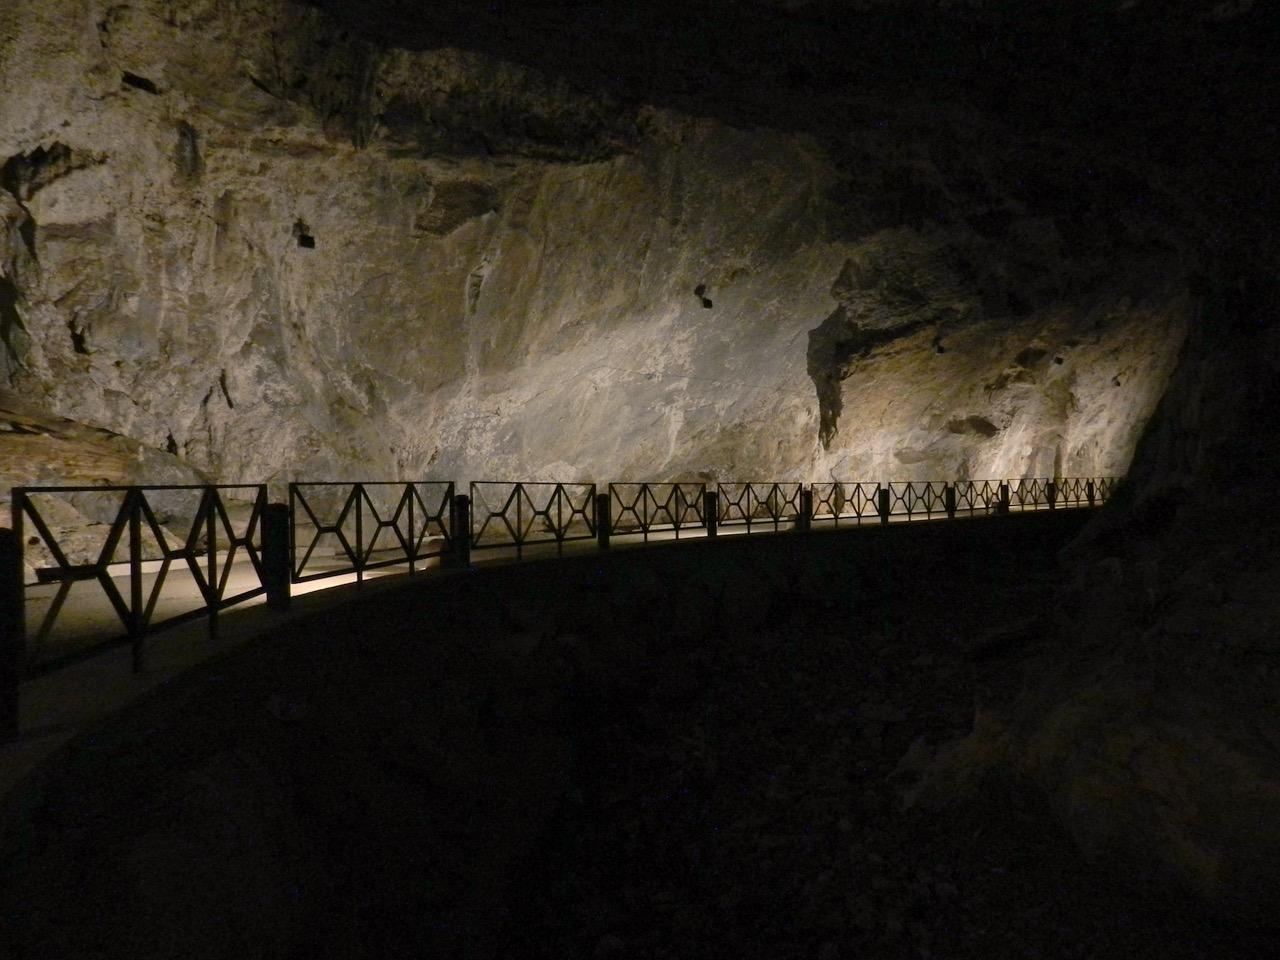 Grotte Domusnovas - frei zugänglich auf einer Straße